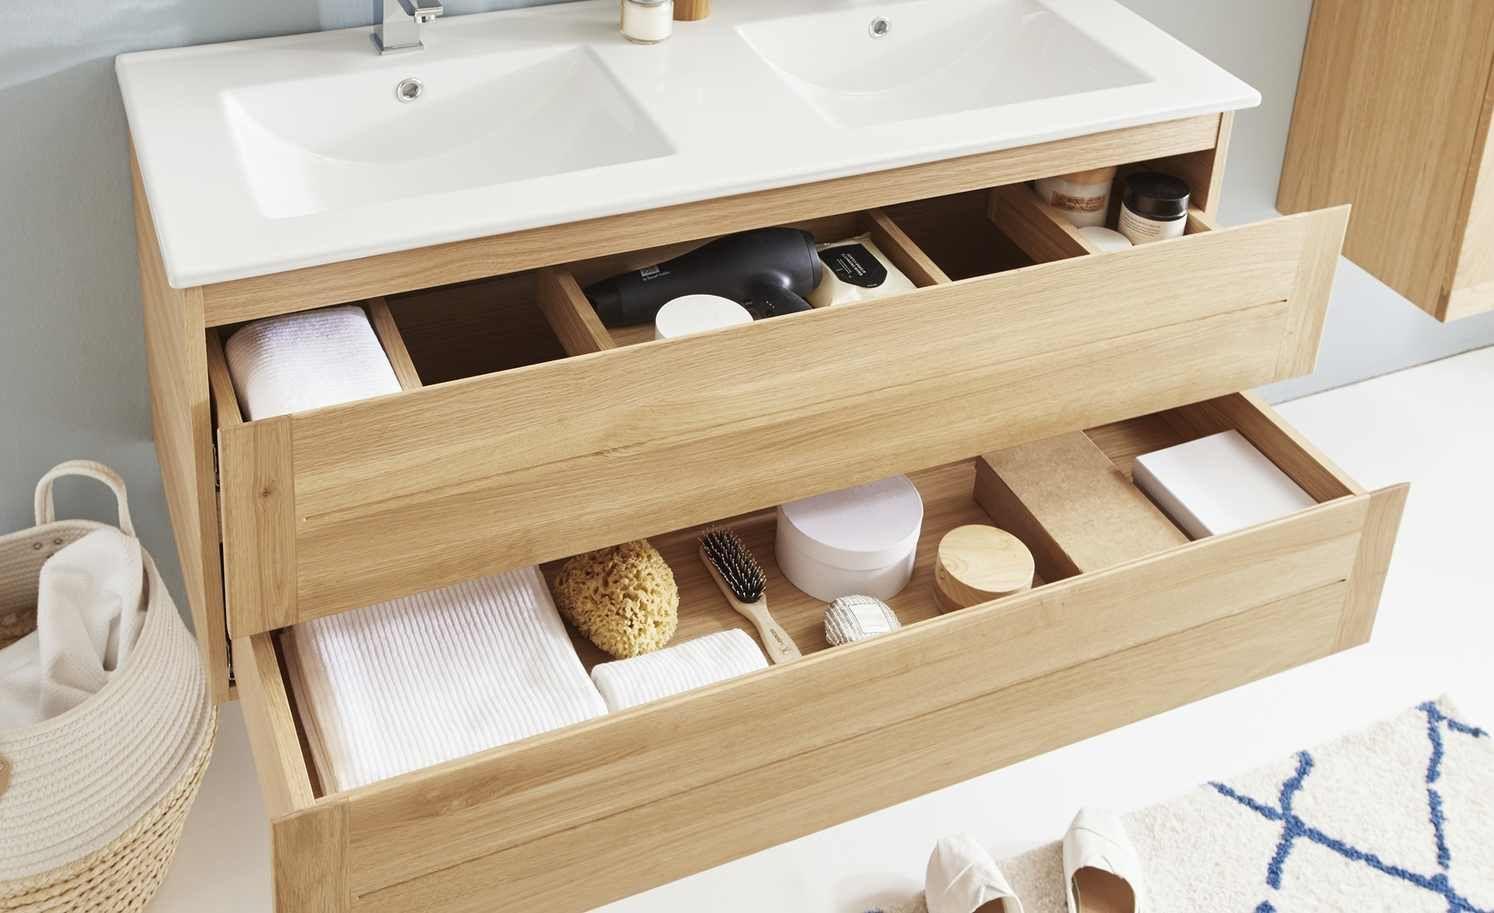 Wohnwert Waschtischunterschrank Capri Gefunden Bei Mobel Hoffner Waschtischunterschrank Doppelwaschtisch Mit Unterschrank Doppelwaschtisch